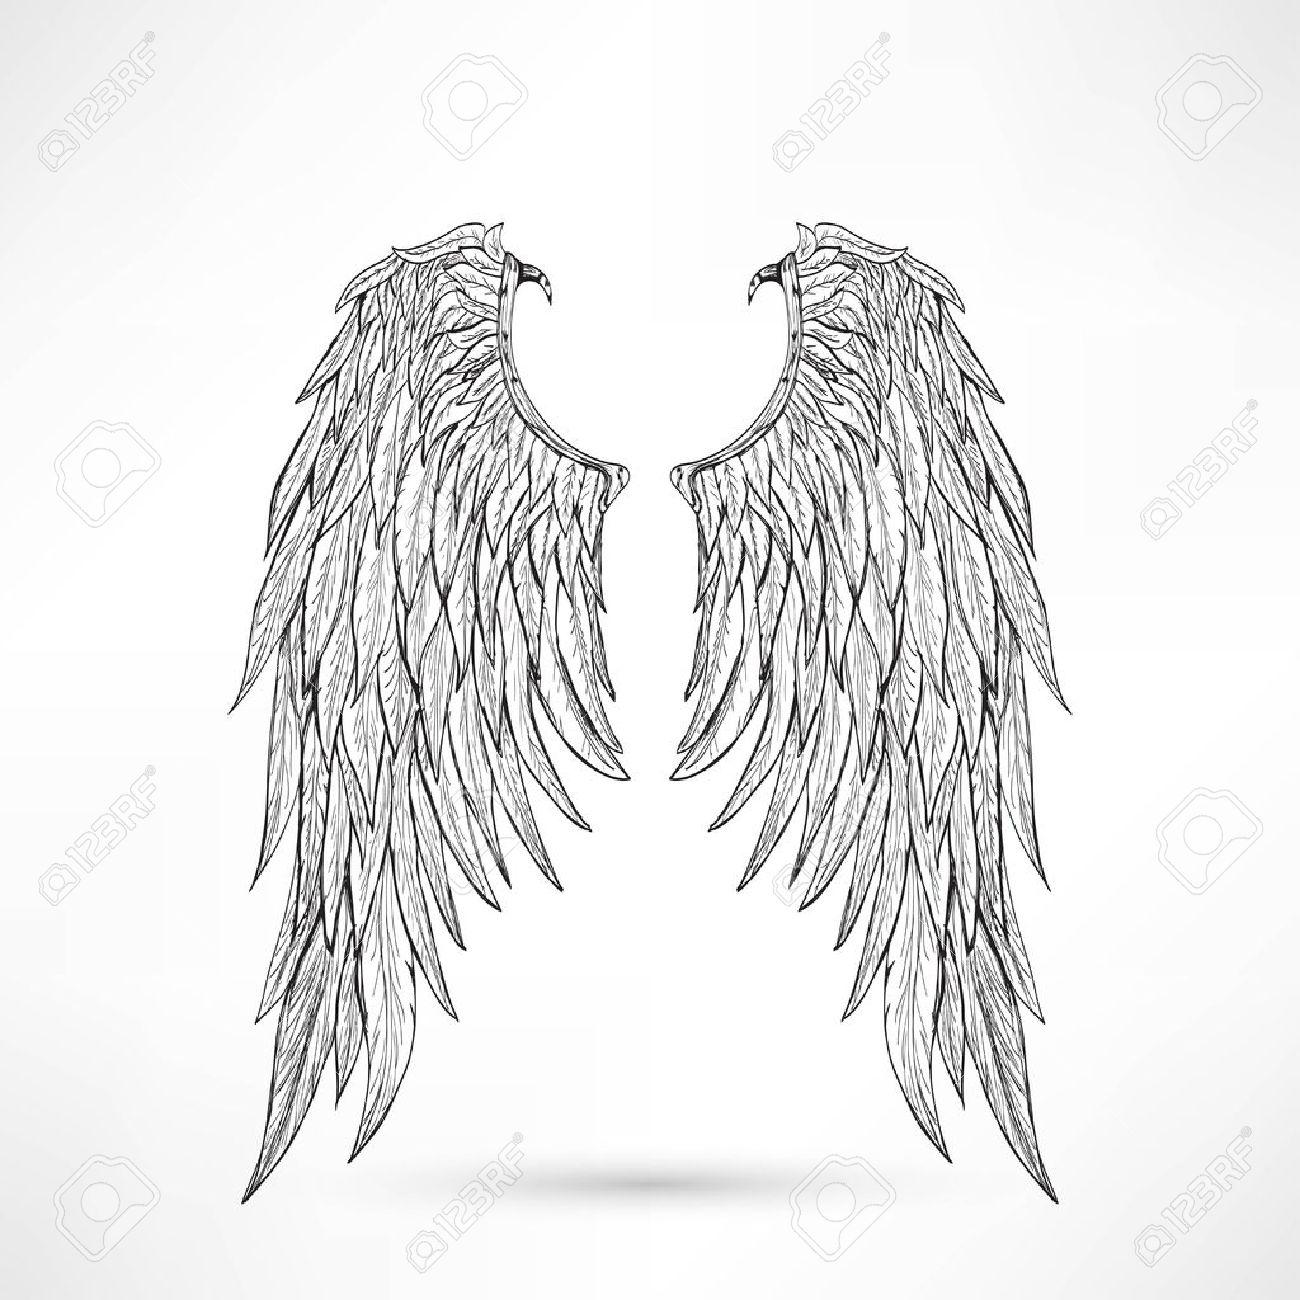 イラスト天使の翼のイラスト素材ベクタ Image 45446662